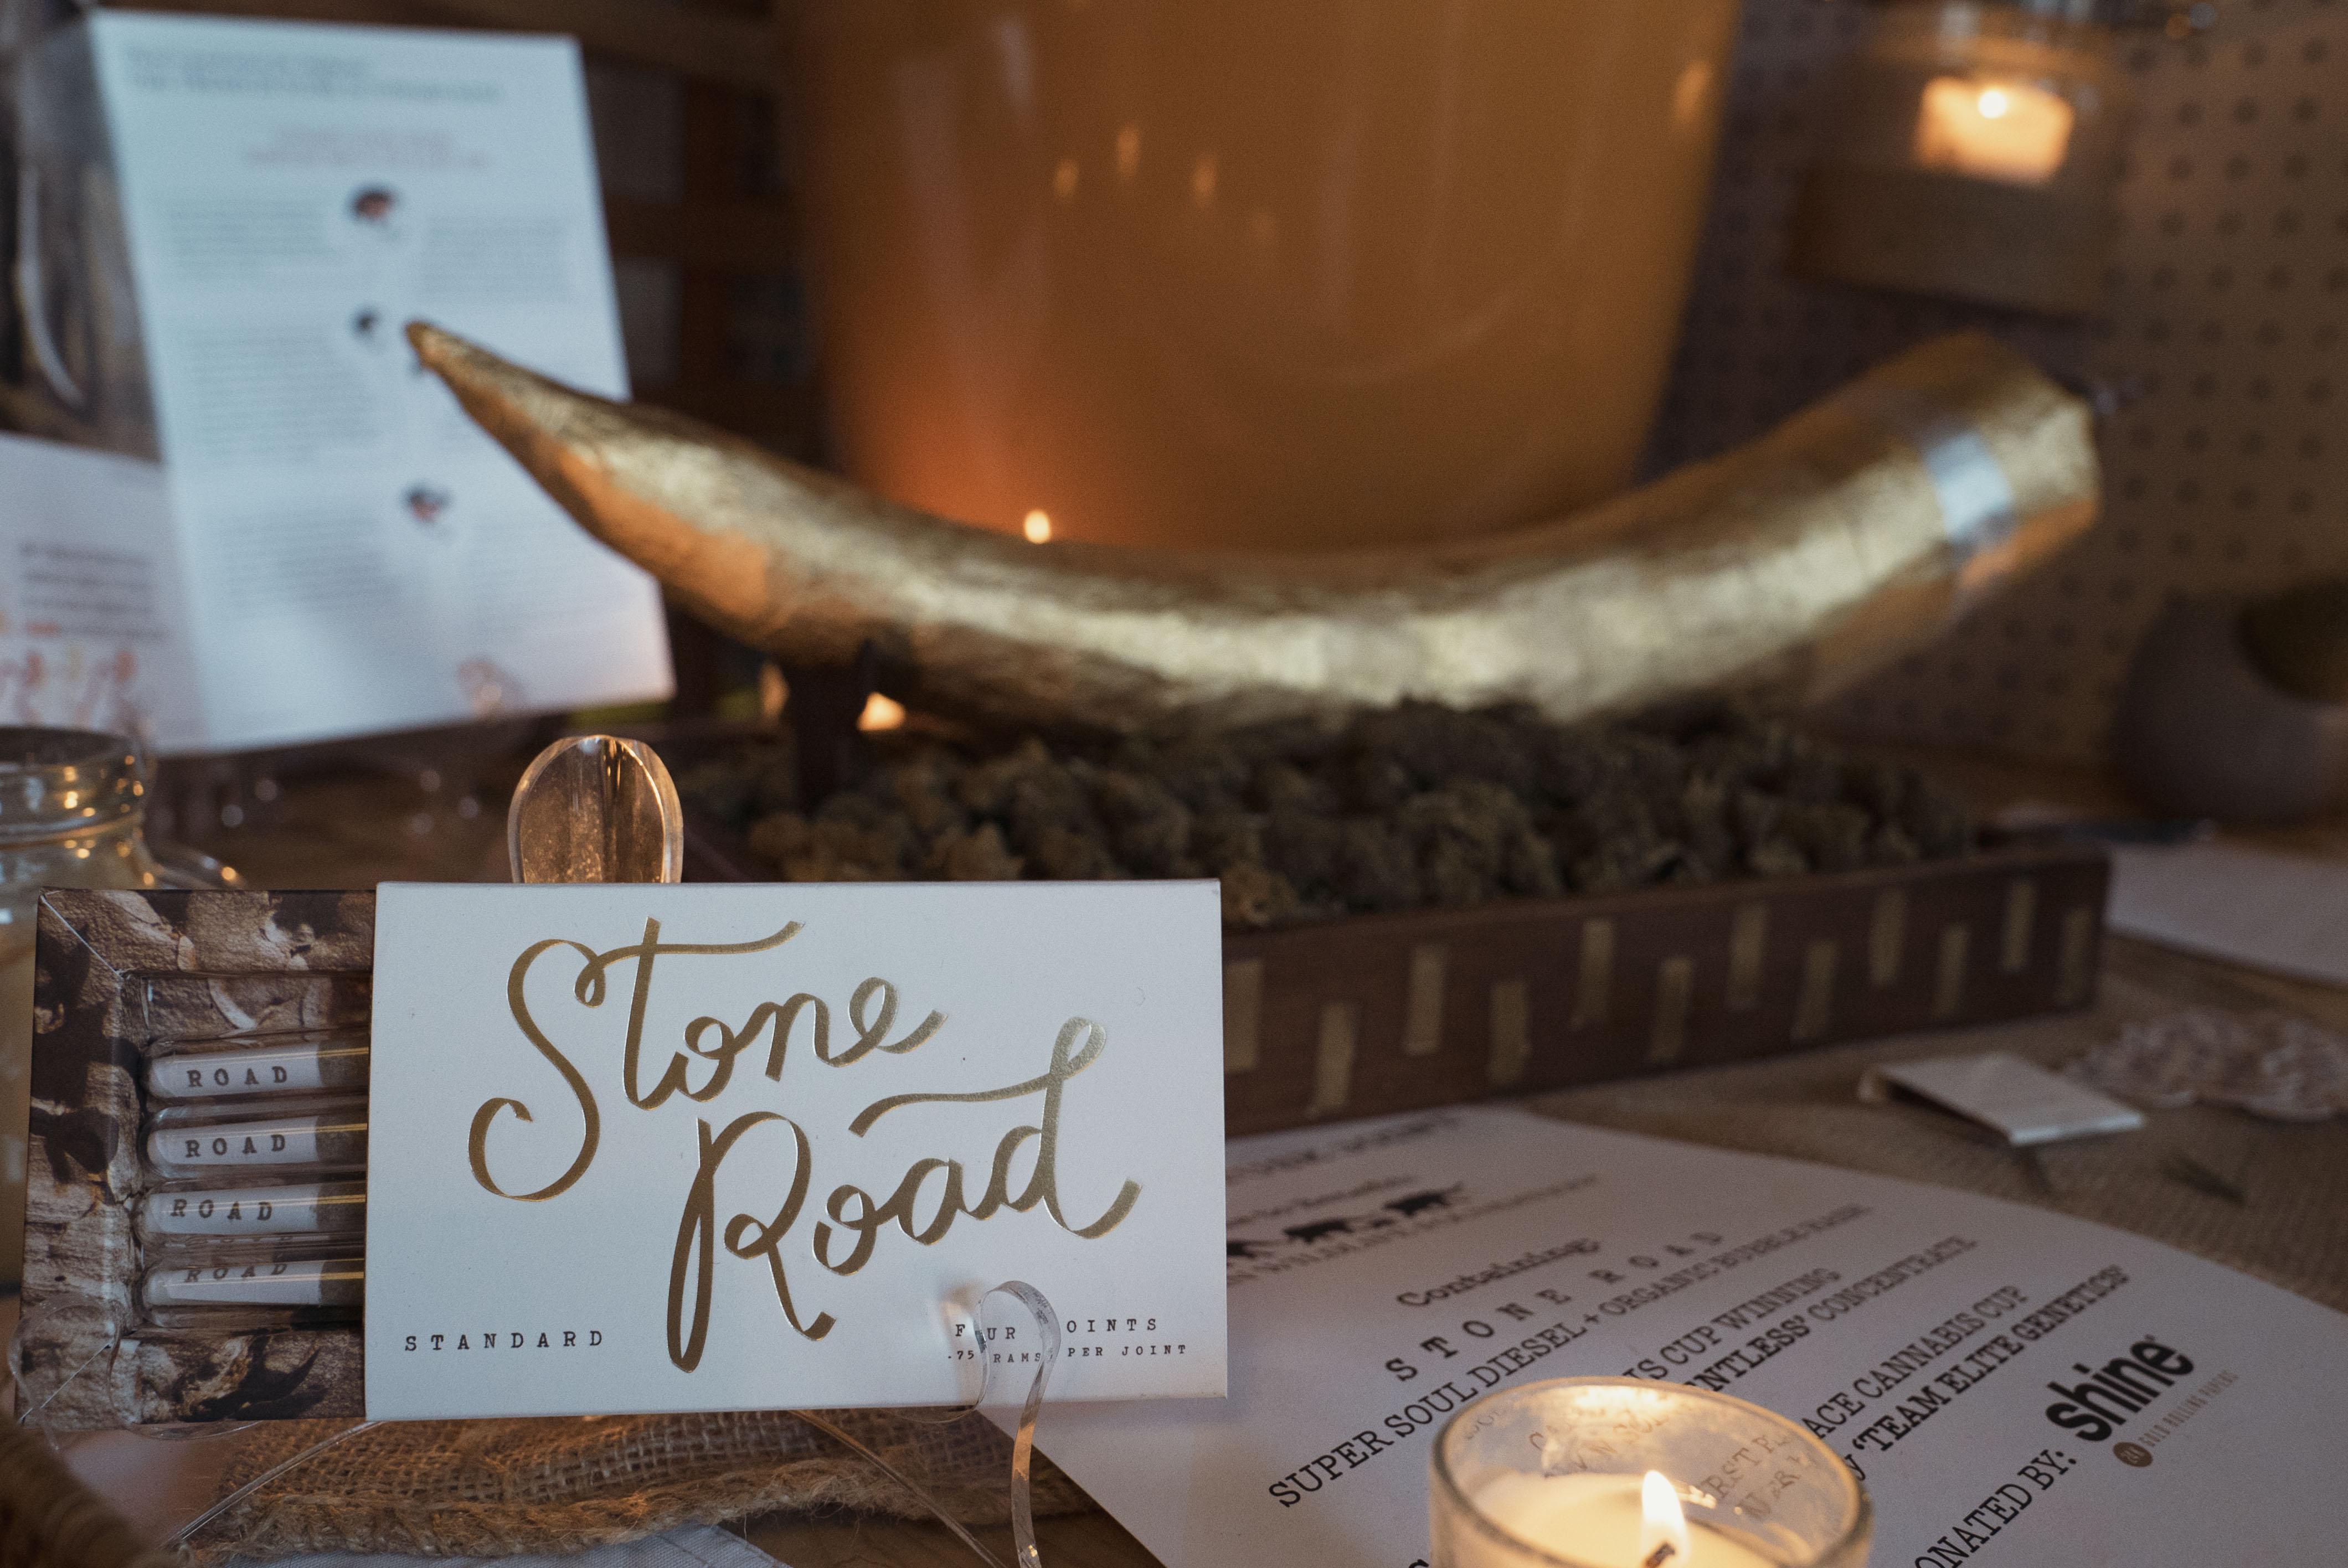 stone road pre rolls